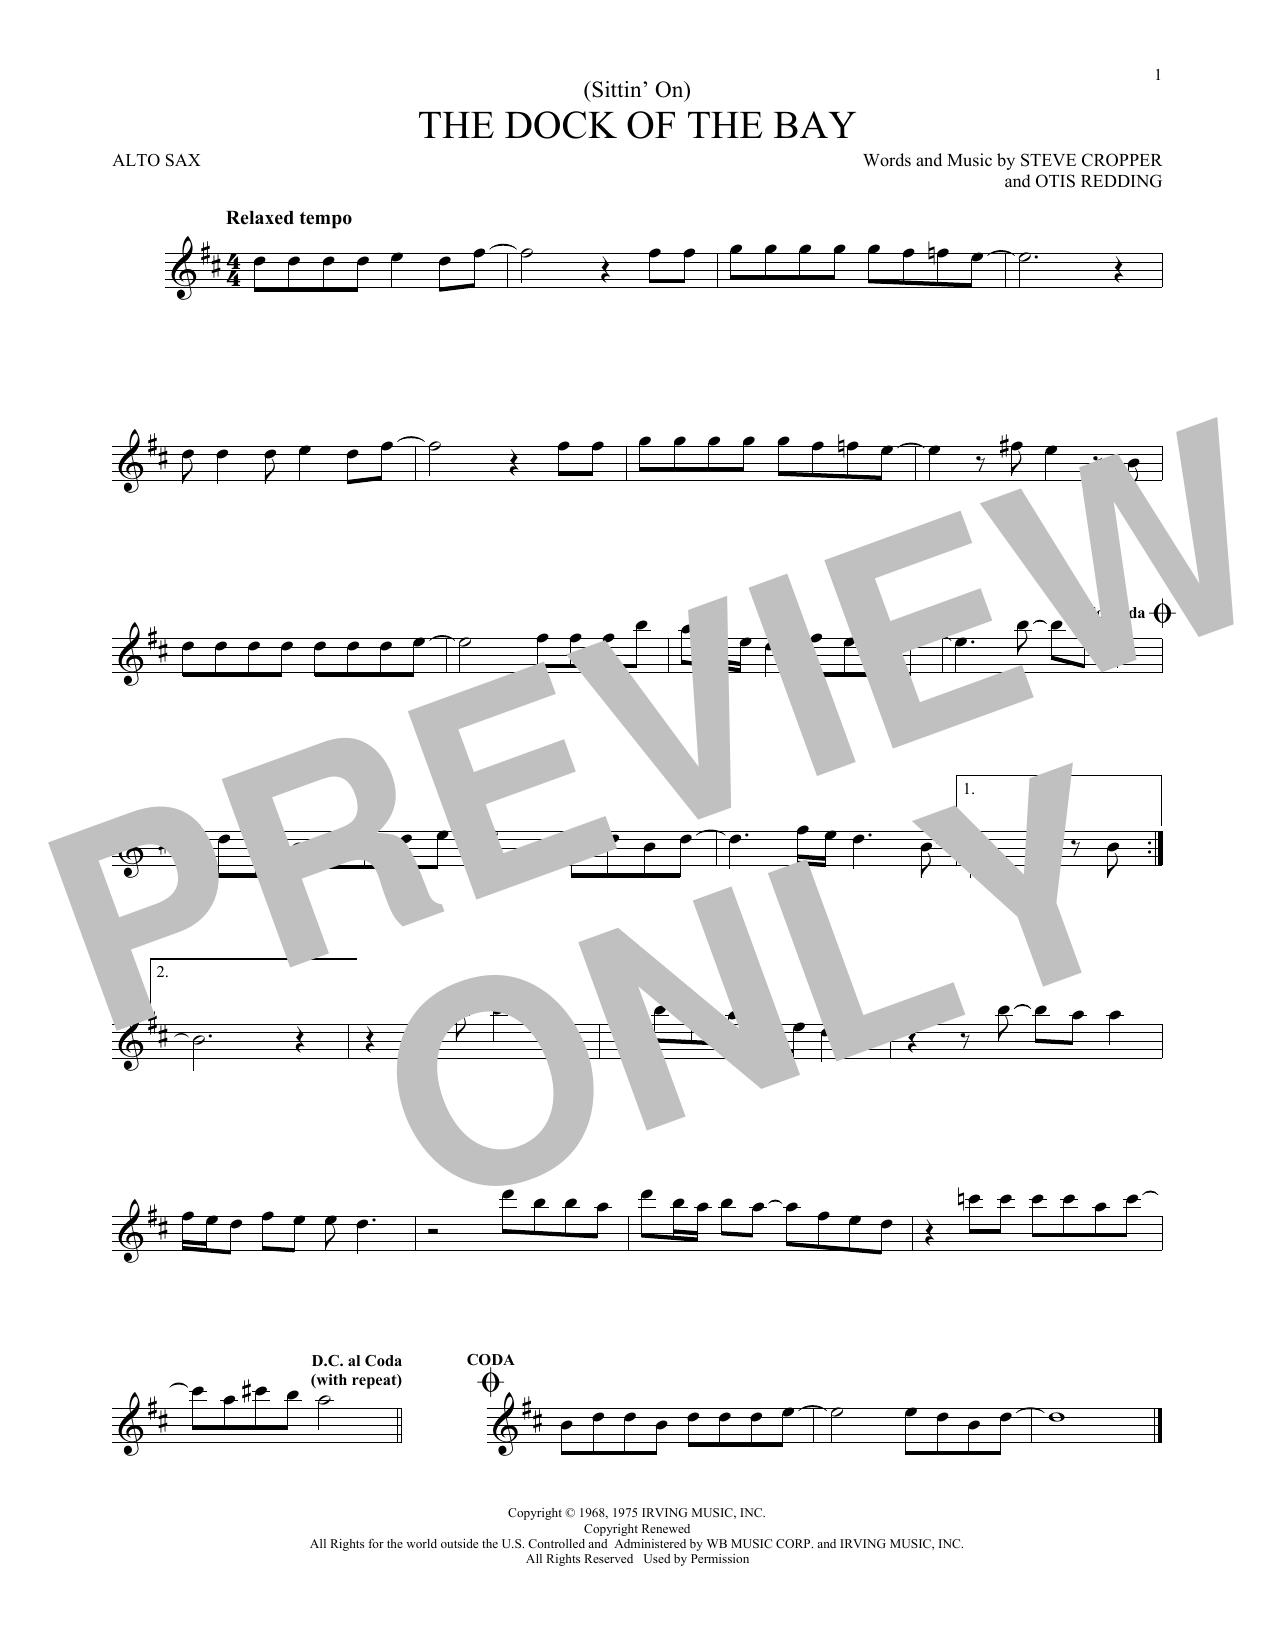 Partition saxophone (Sittin' On) The Dock Of The Bay de Otis Redding - Sax Alto